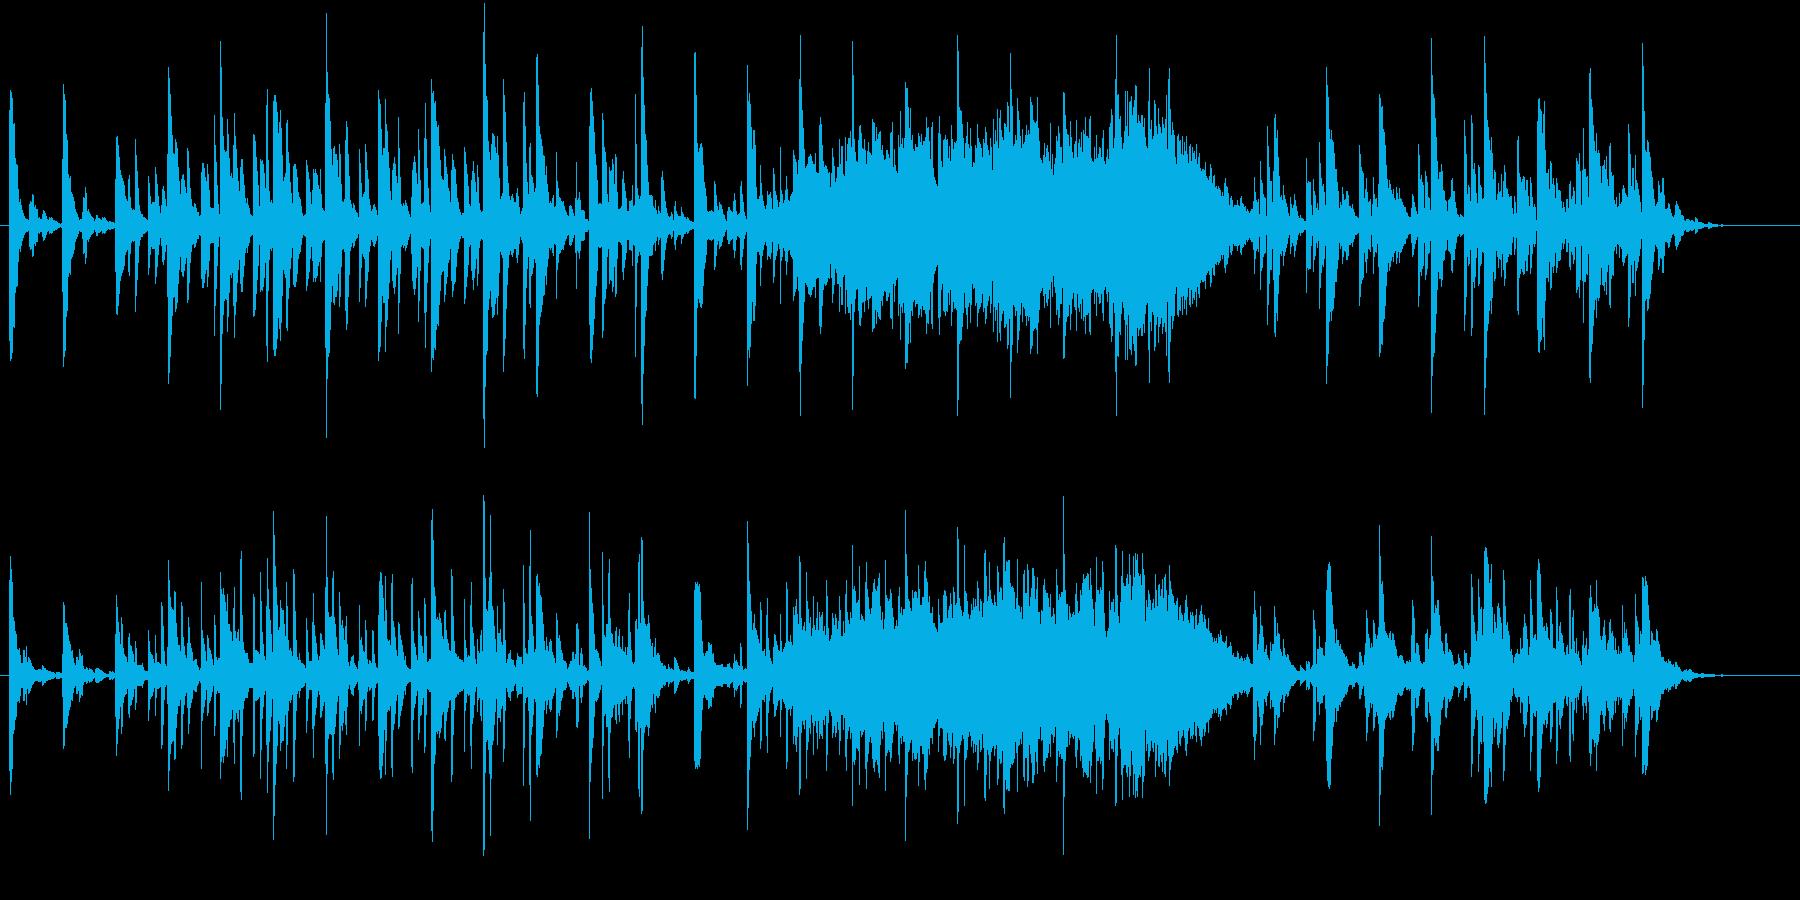 海の中で鳴り響くピアノイメージの再生済みの波形